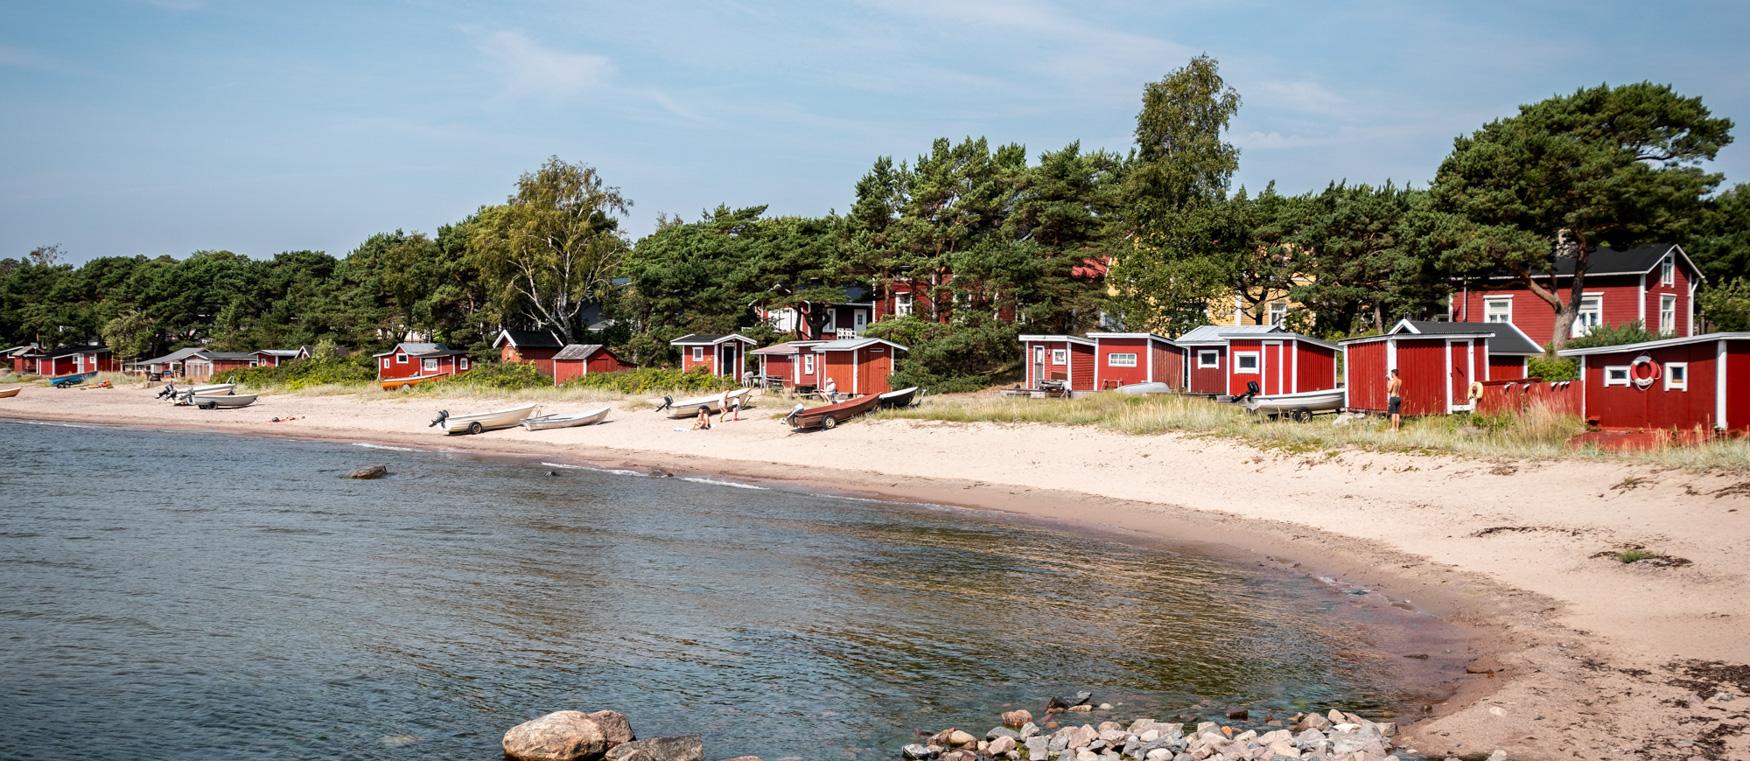 Fischerhäusschen Finnland Hanko